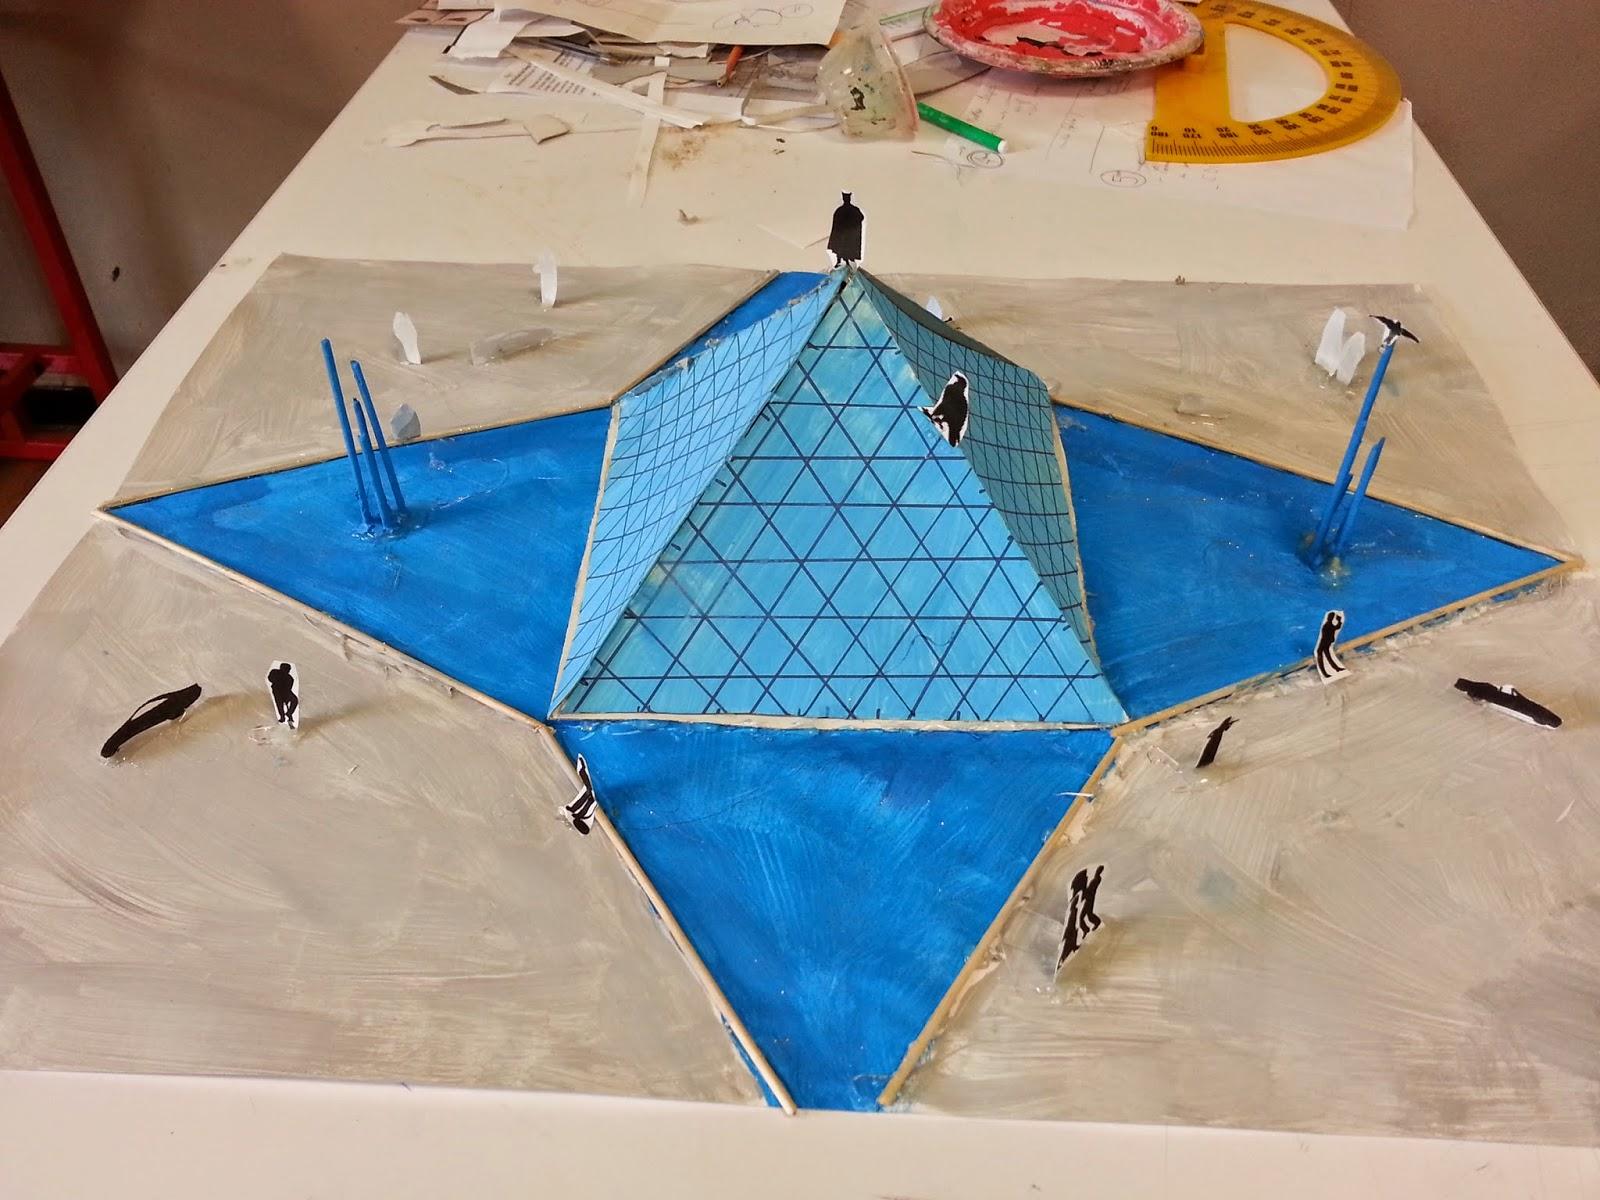 atelier petit architecte pyramide du louvre nouveau5 12 ans vendredi 27 octobre10h30 12h00. Black Bedroom Furniture Sets. Home Design Ideas